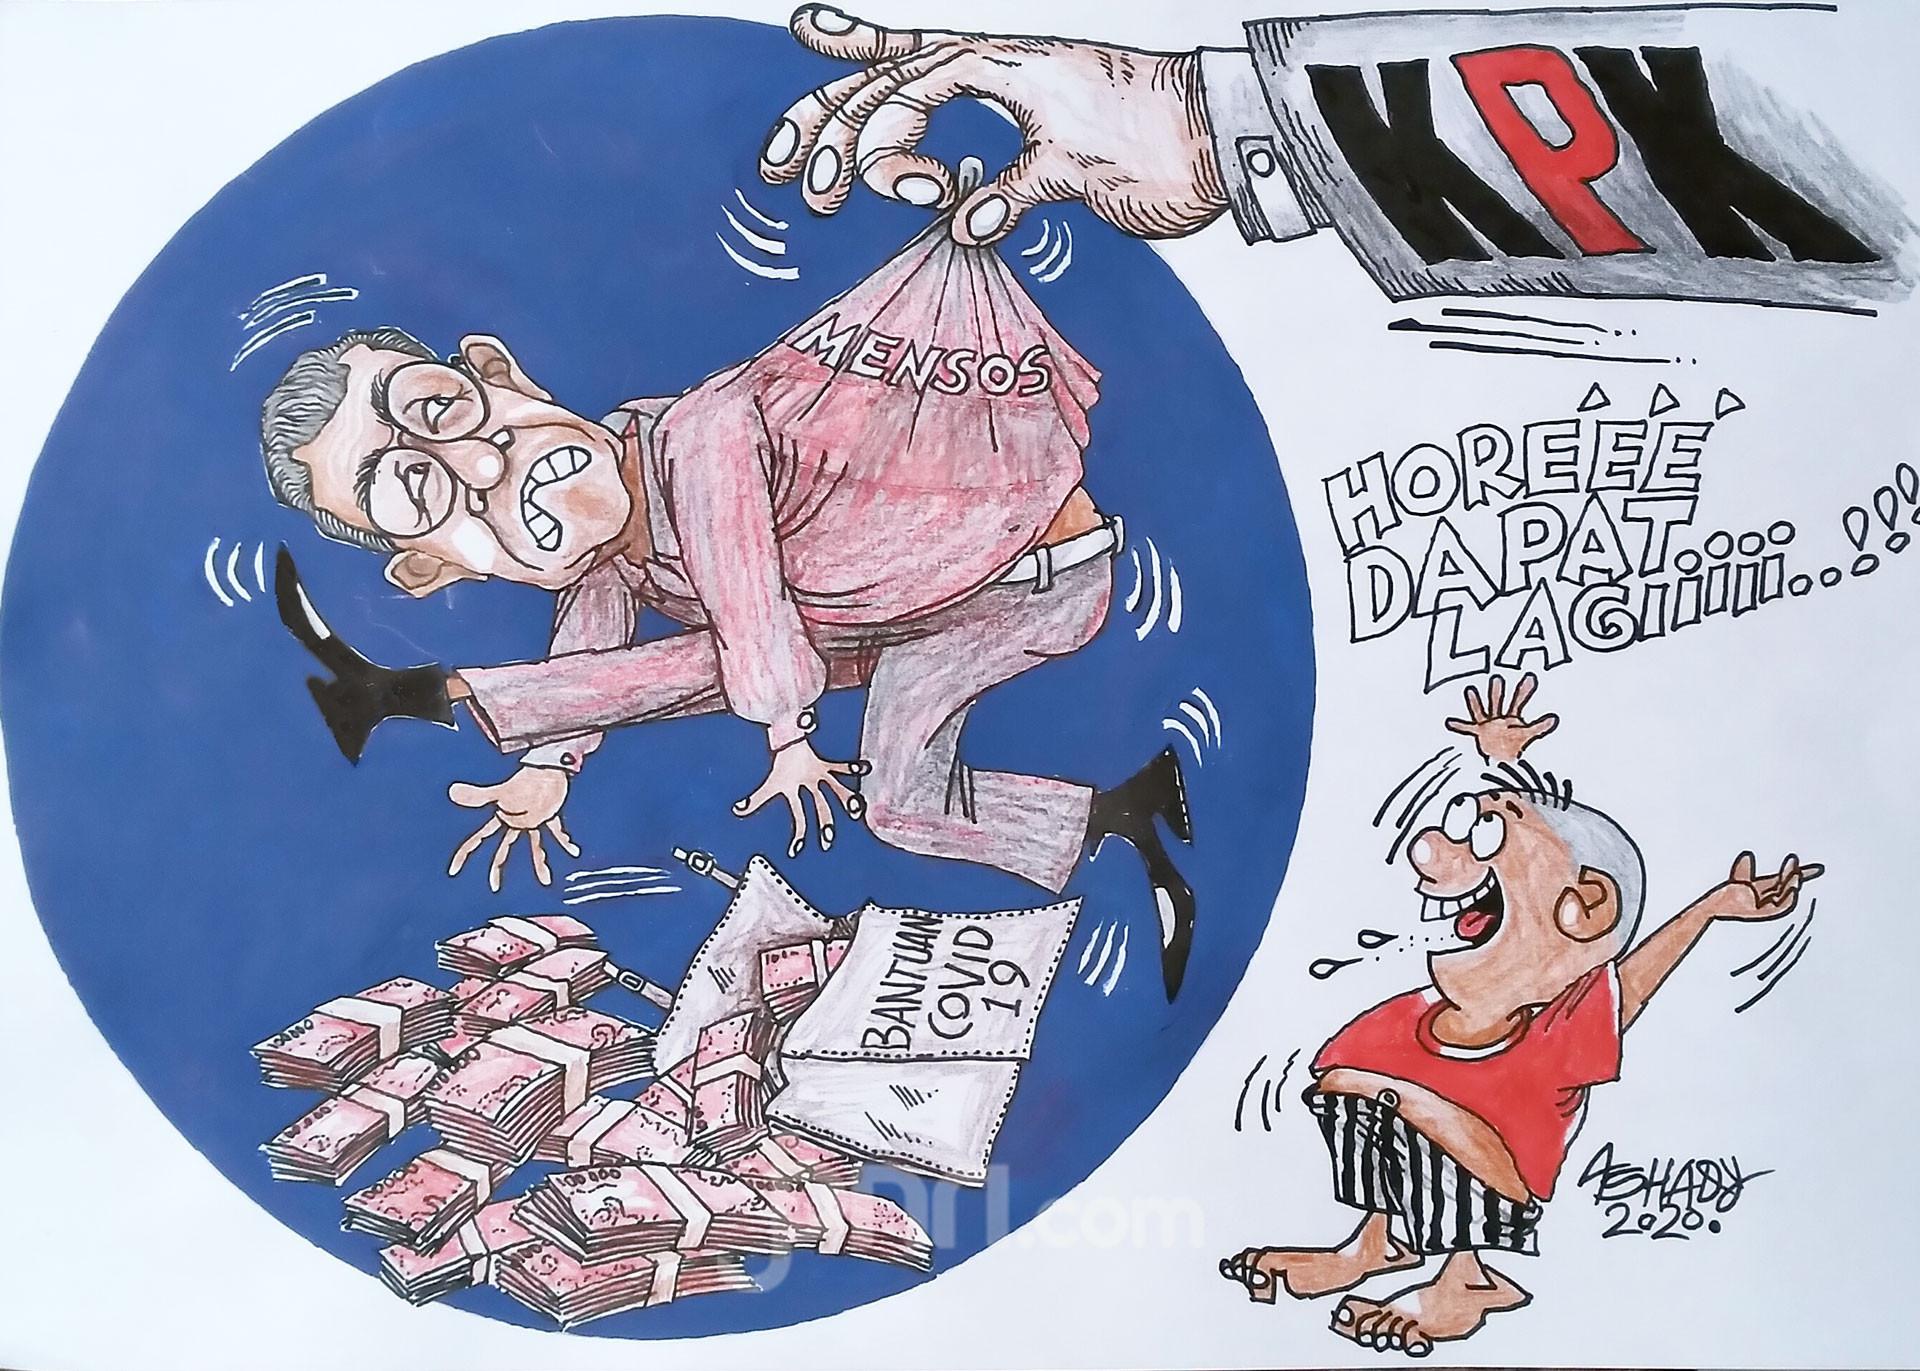 Bantuan Covid-19 Dikorupsi. Karikatur oleh Ashady - JPNN.com